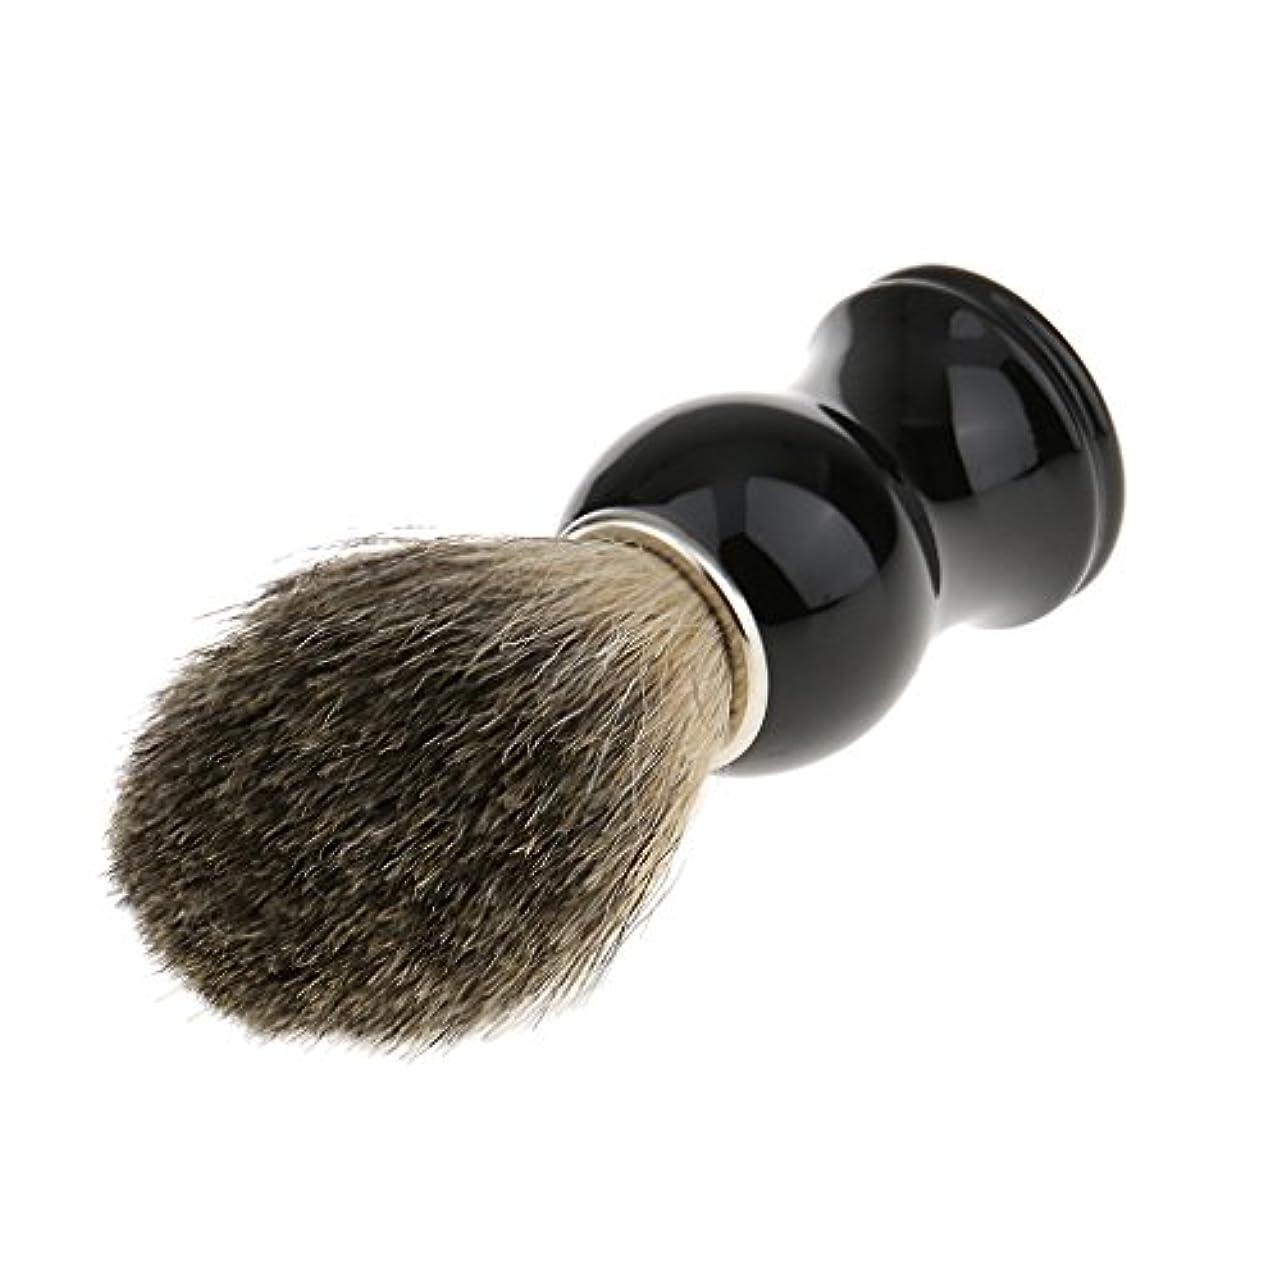 天のバッチキノコSONONIA 人工毛 シェービングブラシ 家庭 柔らかい 洗顔 理容  髭剃り 乾くやすい 便携 11.2cm 全2色 - ブラックハンドル